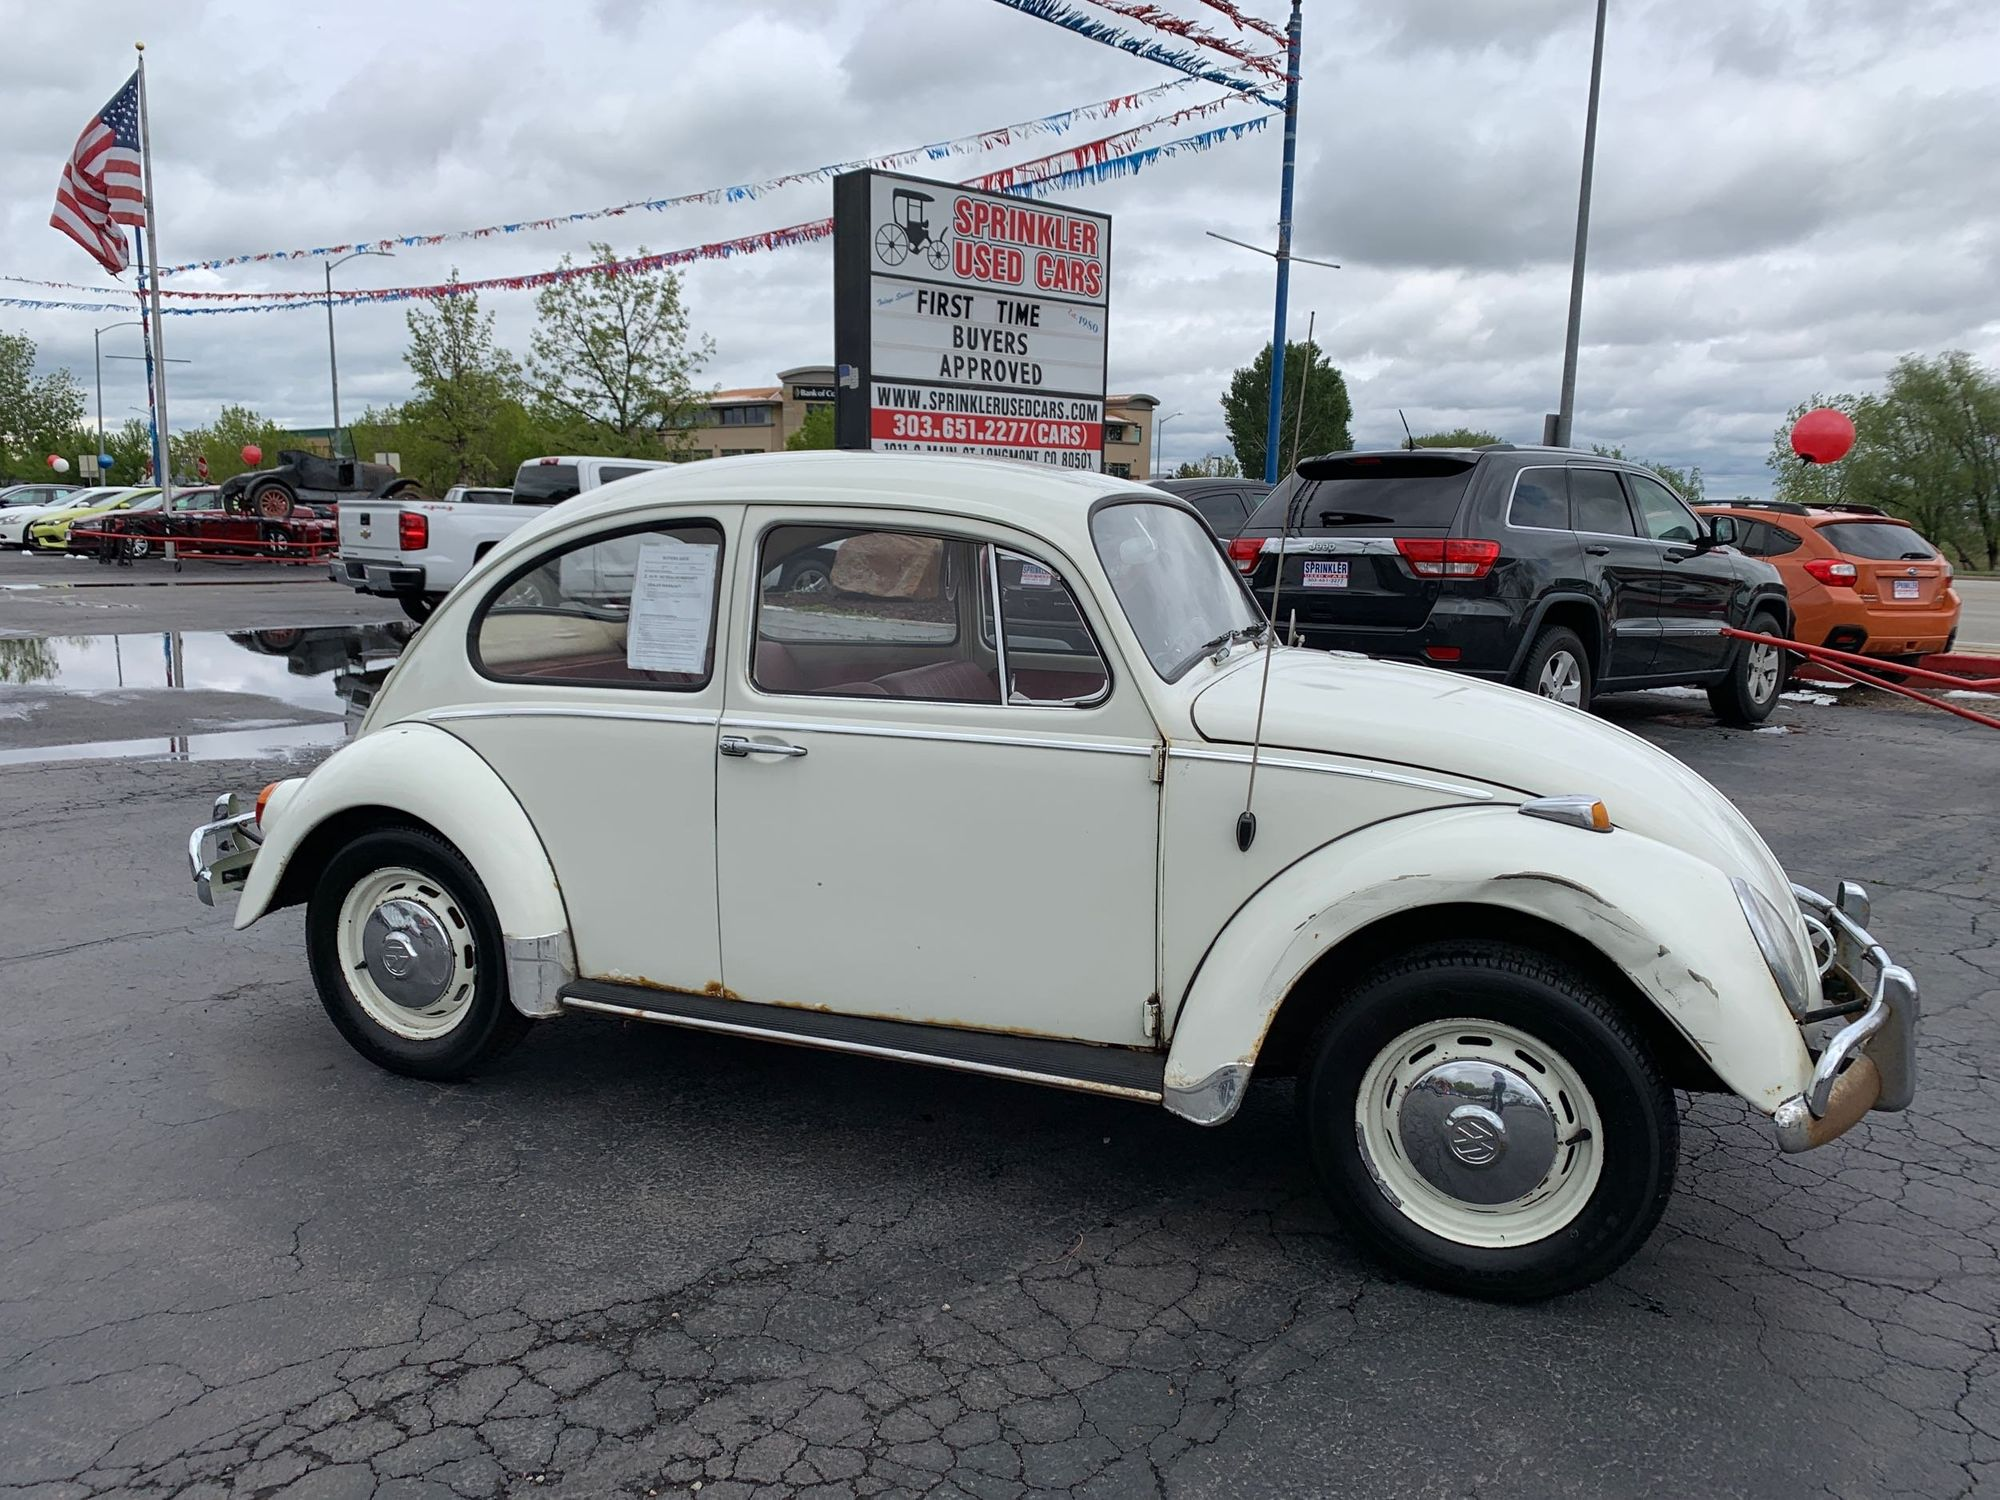 Sprinklers Auto Longmont >> 1966 Volkswagen Beetle Sprinkler Used Cars